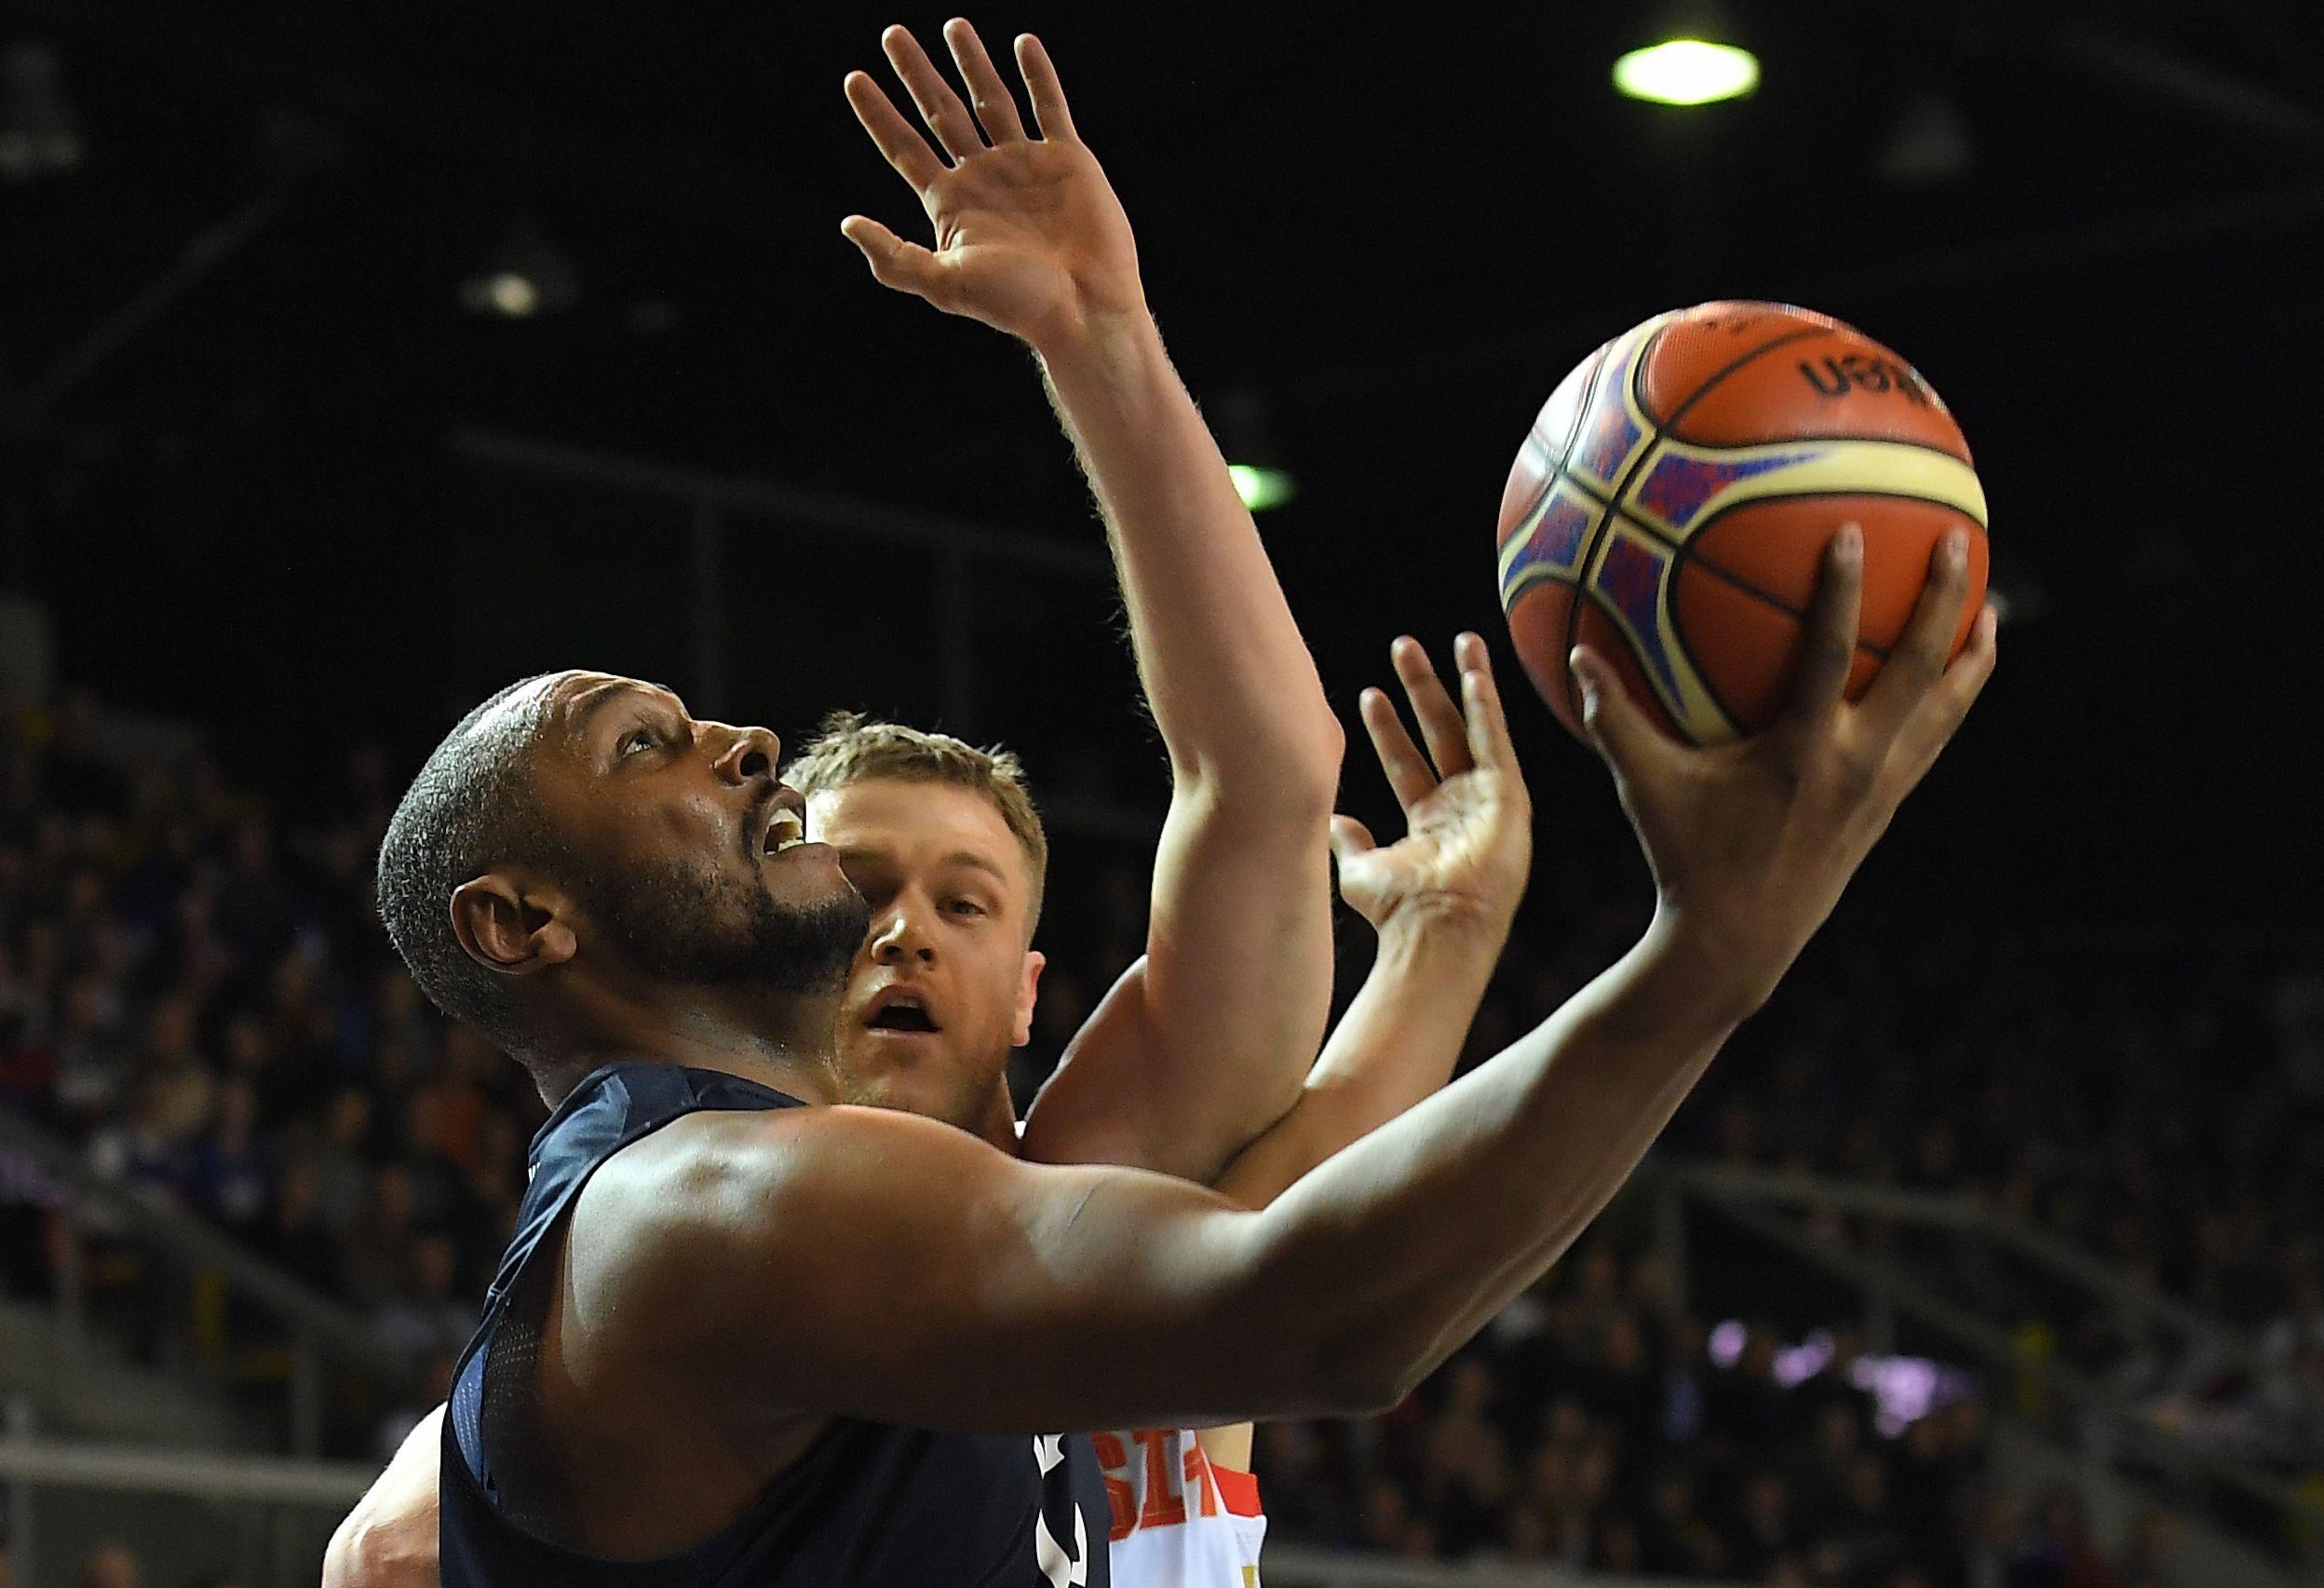 Basket - Equipe de France -  Les Bleus terrassent la Russie au bout du suspense